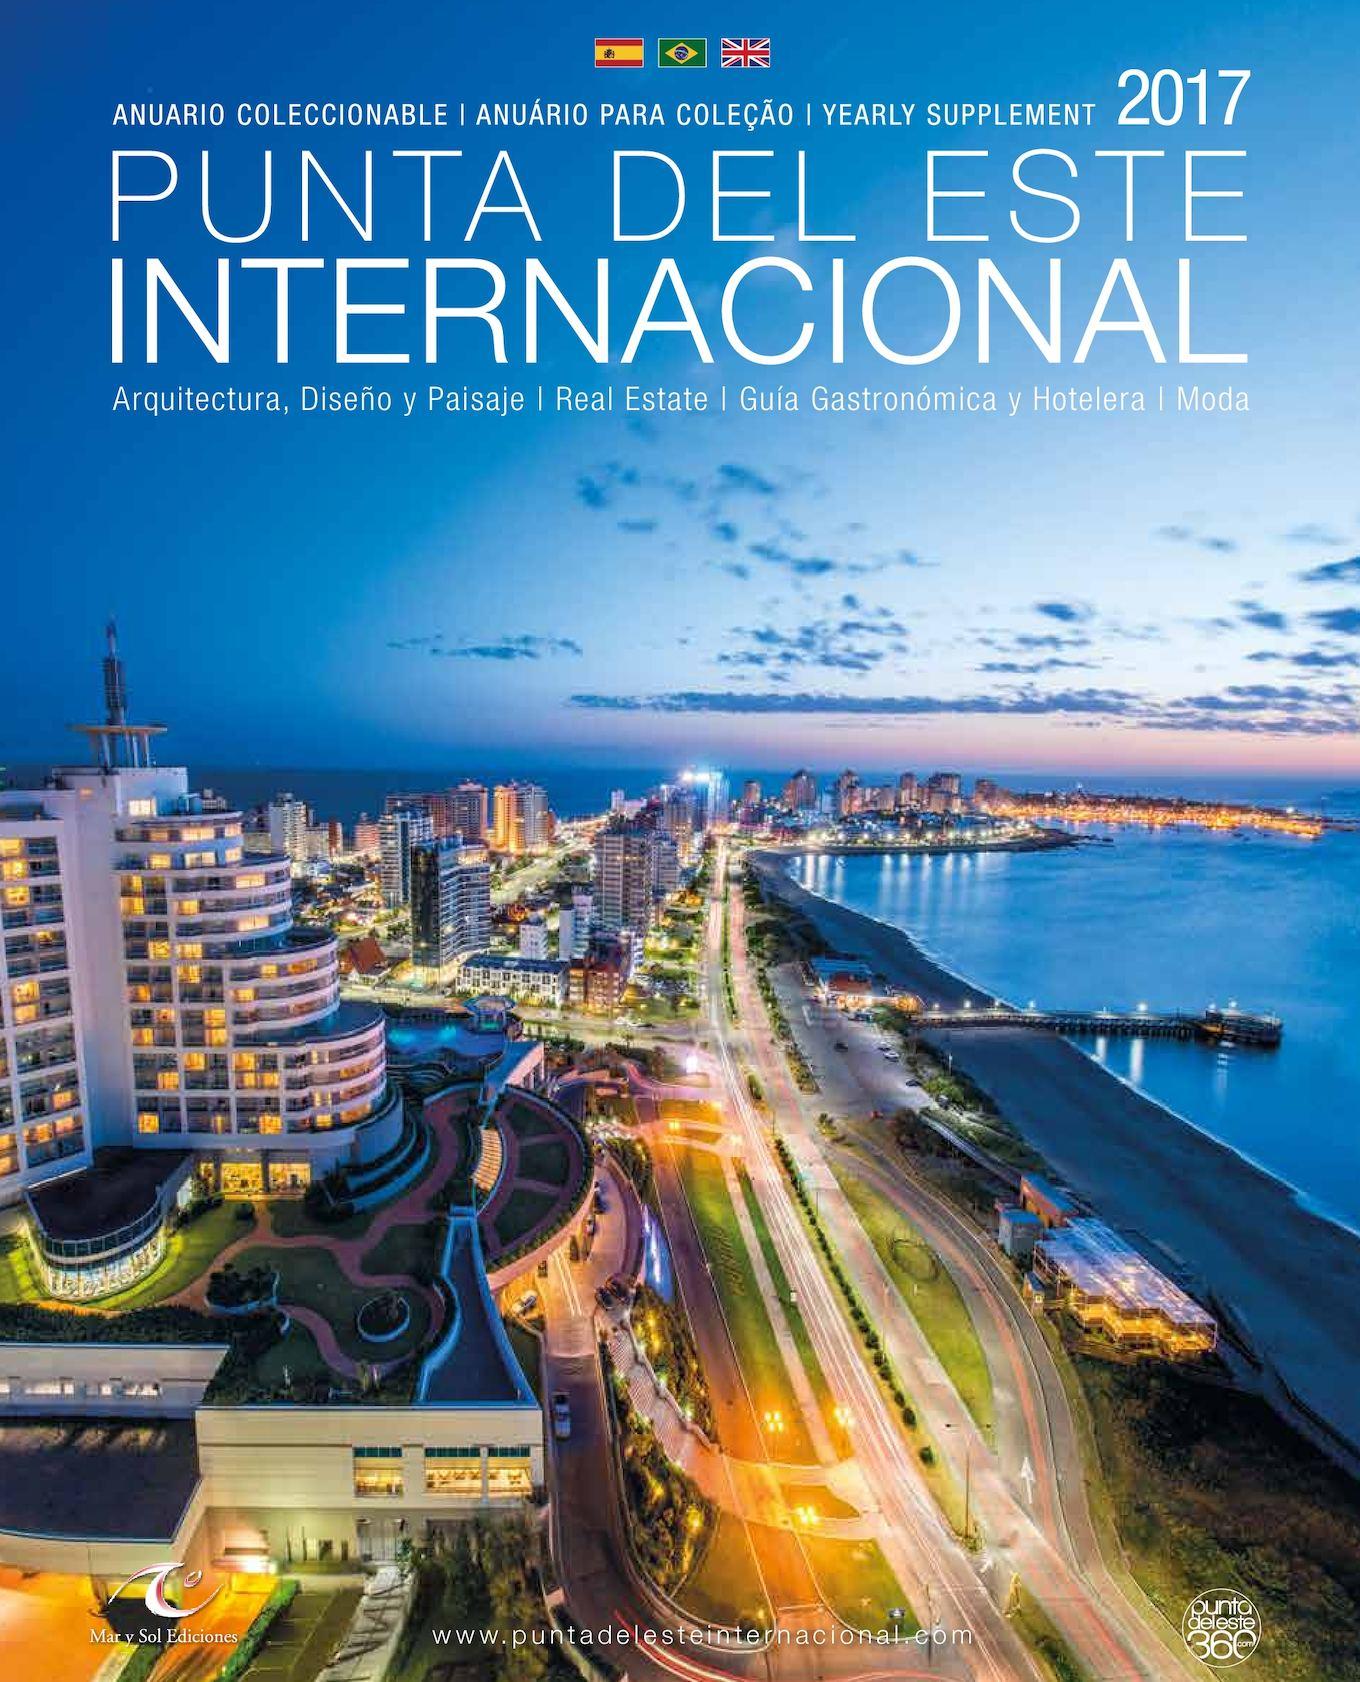 Jacuzzi Exterior 60 Dise Os Que Te Encantar N Este 2017 Estreno 25 Calaméo - Punta Del Este Internacional Anuario 2017